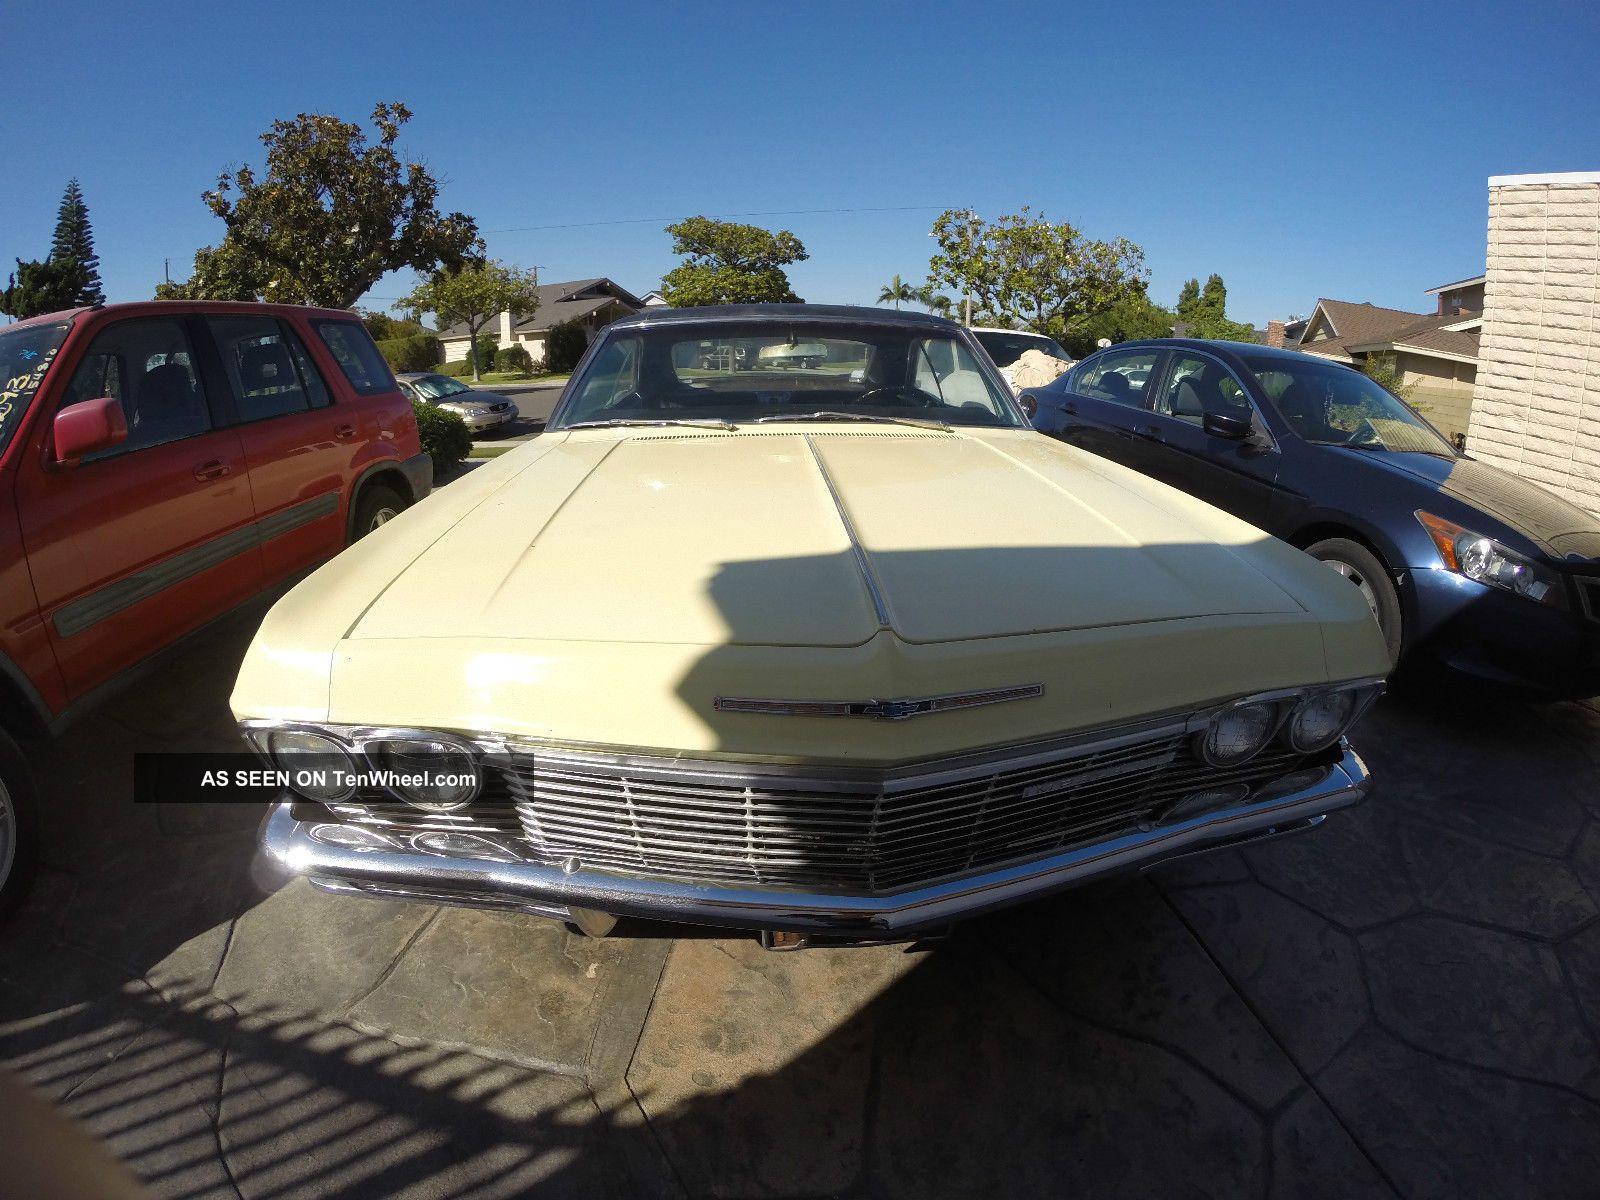 1965 Impala Impala photo